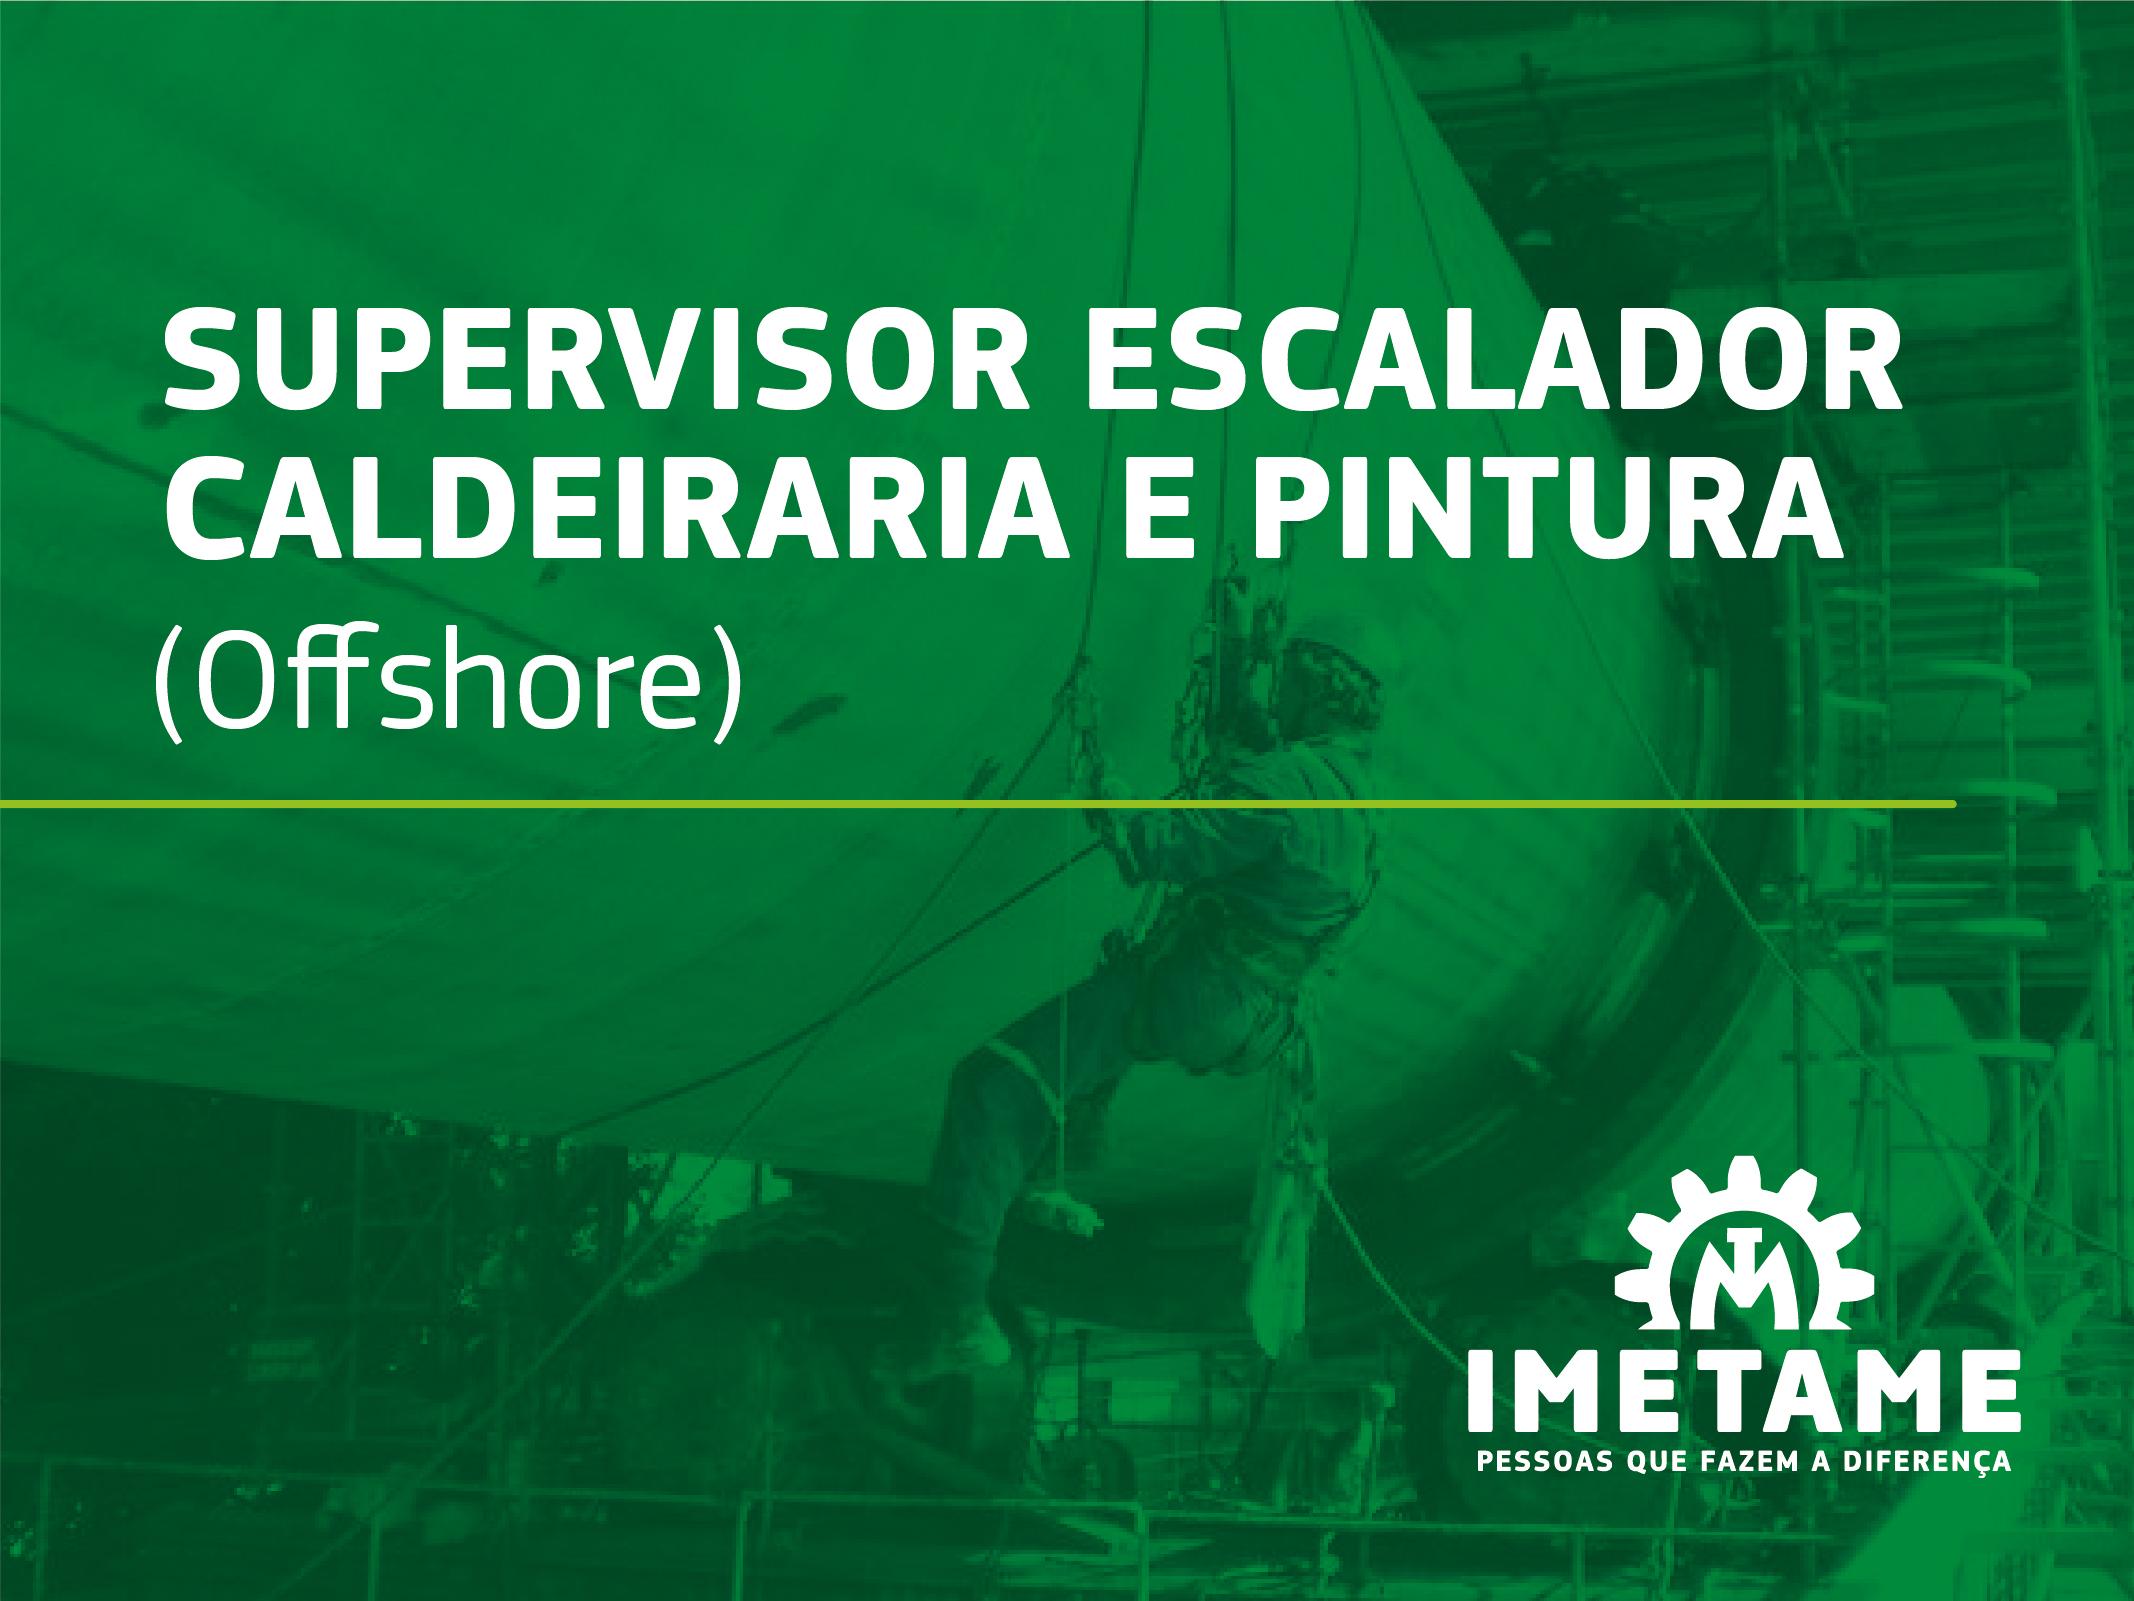 Supervisor Escalador (Caldeiraria e Pintura) – Offshore